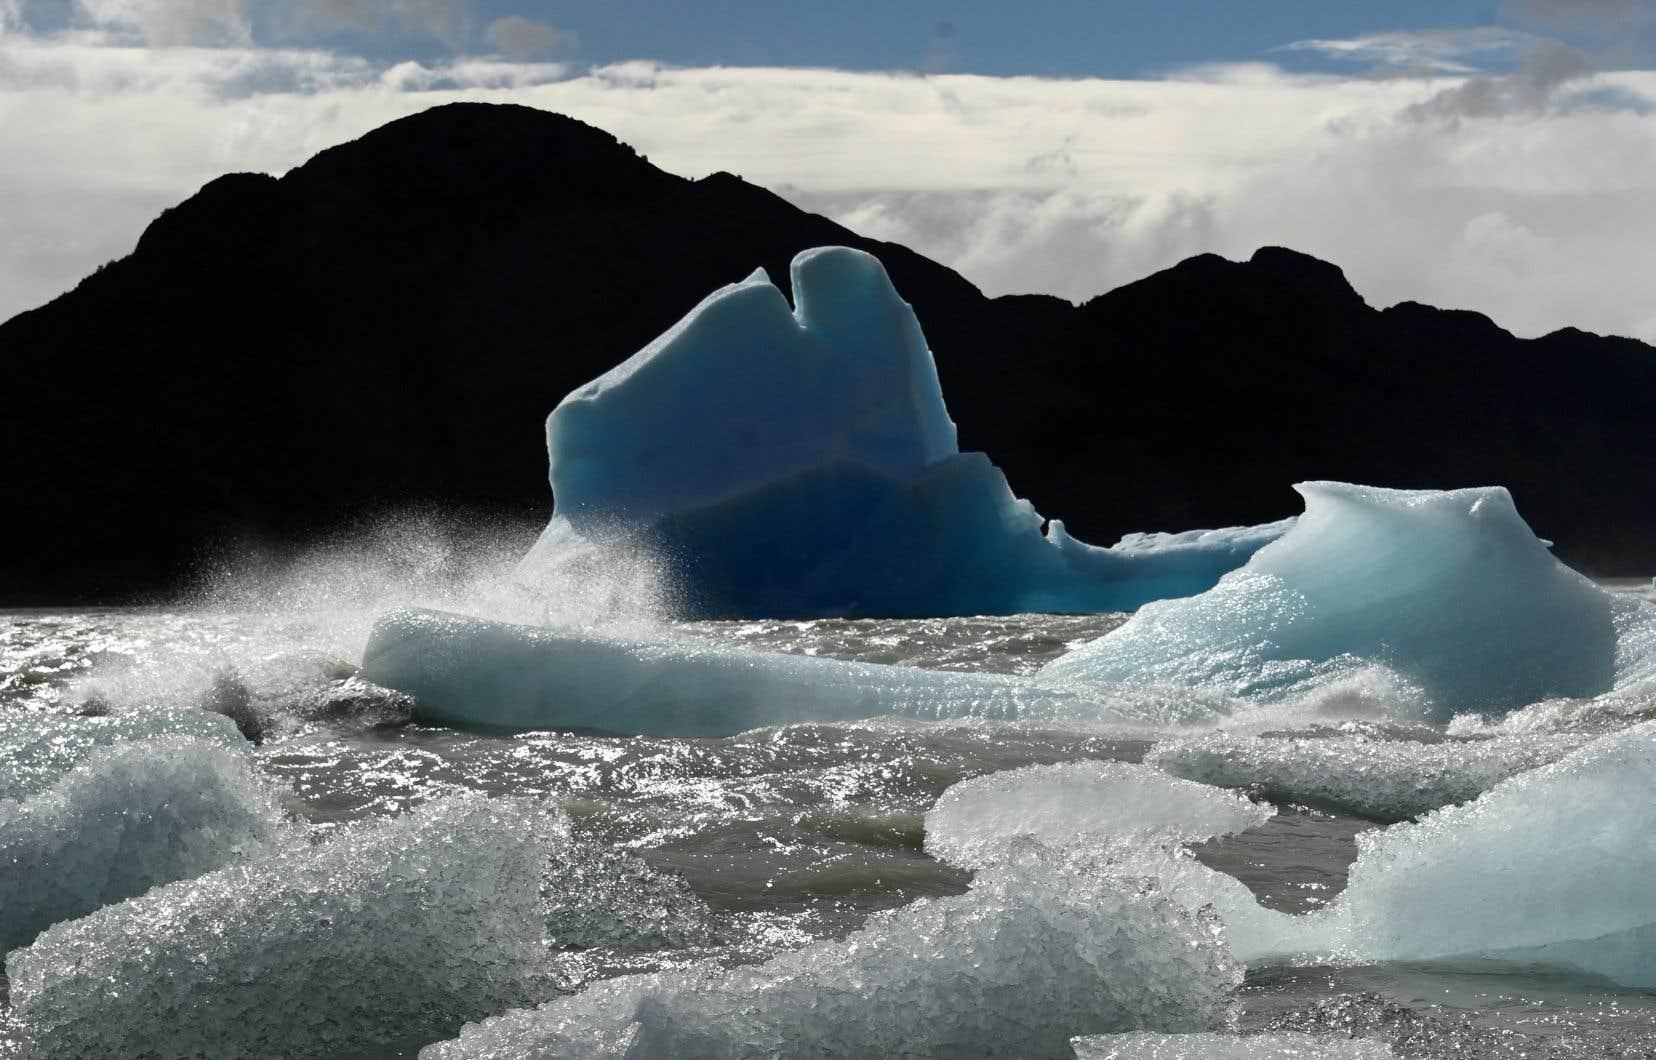 L'année 2019 marque la fin d'une décennie de chaleur exceptionnelle, de recul des glaces et d'élévation record du niveau de la mer à l'échelle du globe.